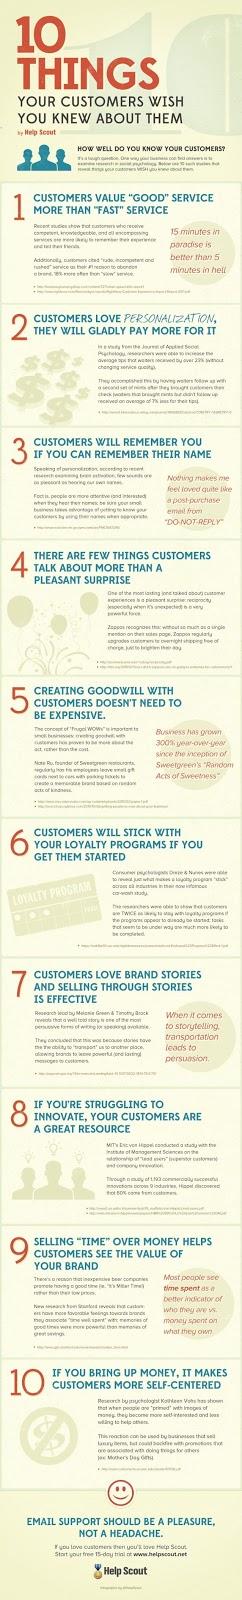 Lo que los clientes quieren que sepas sobre ellos.